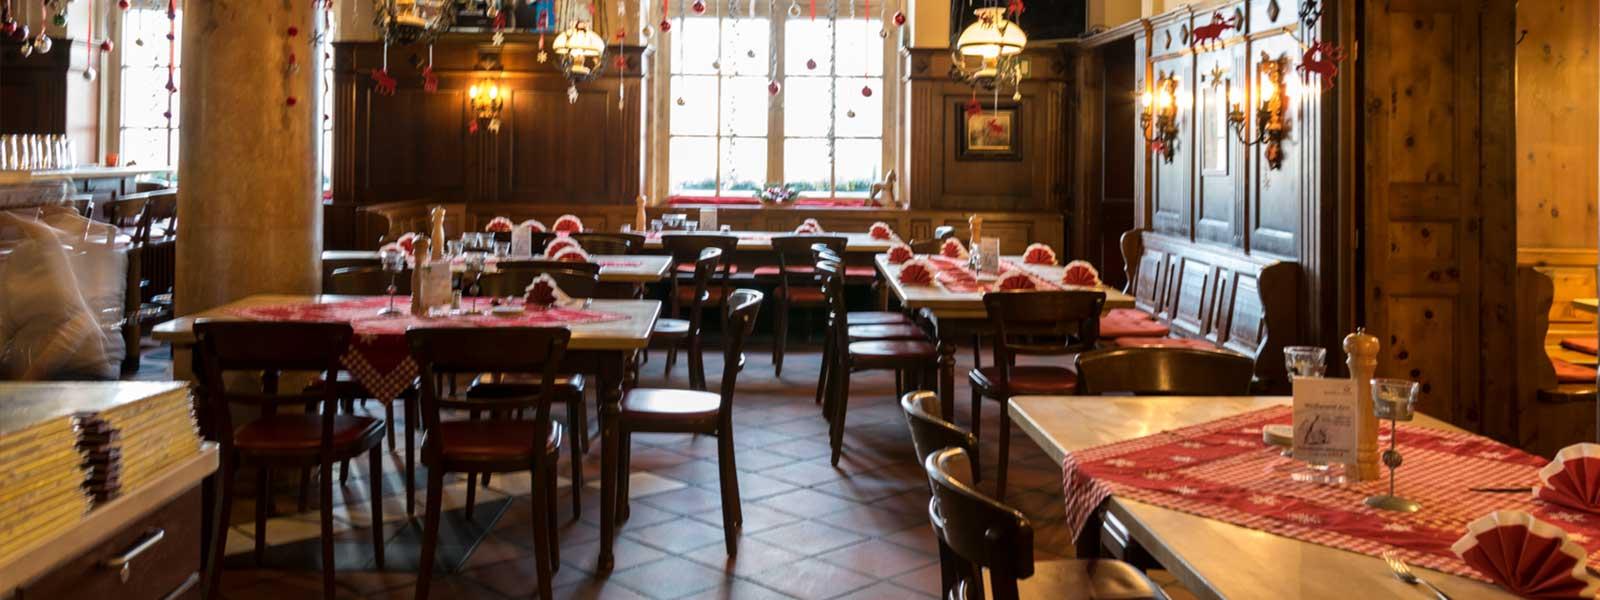 Restaurant Wirtsstube Harlachinger Einkehr